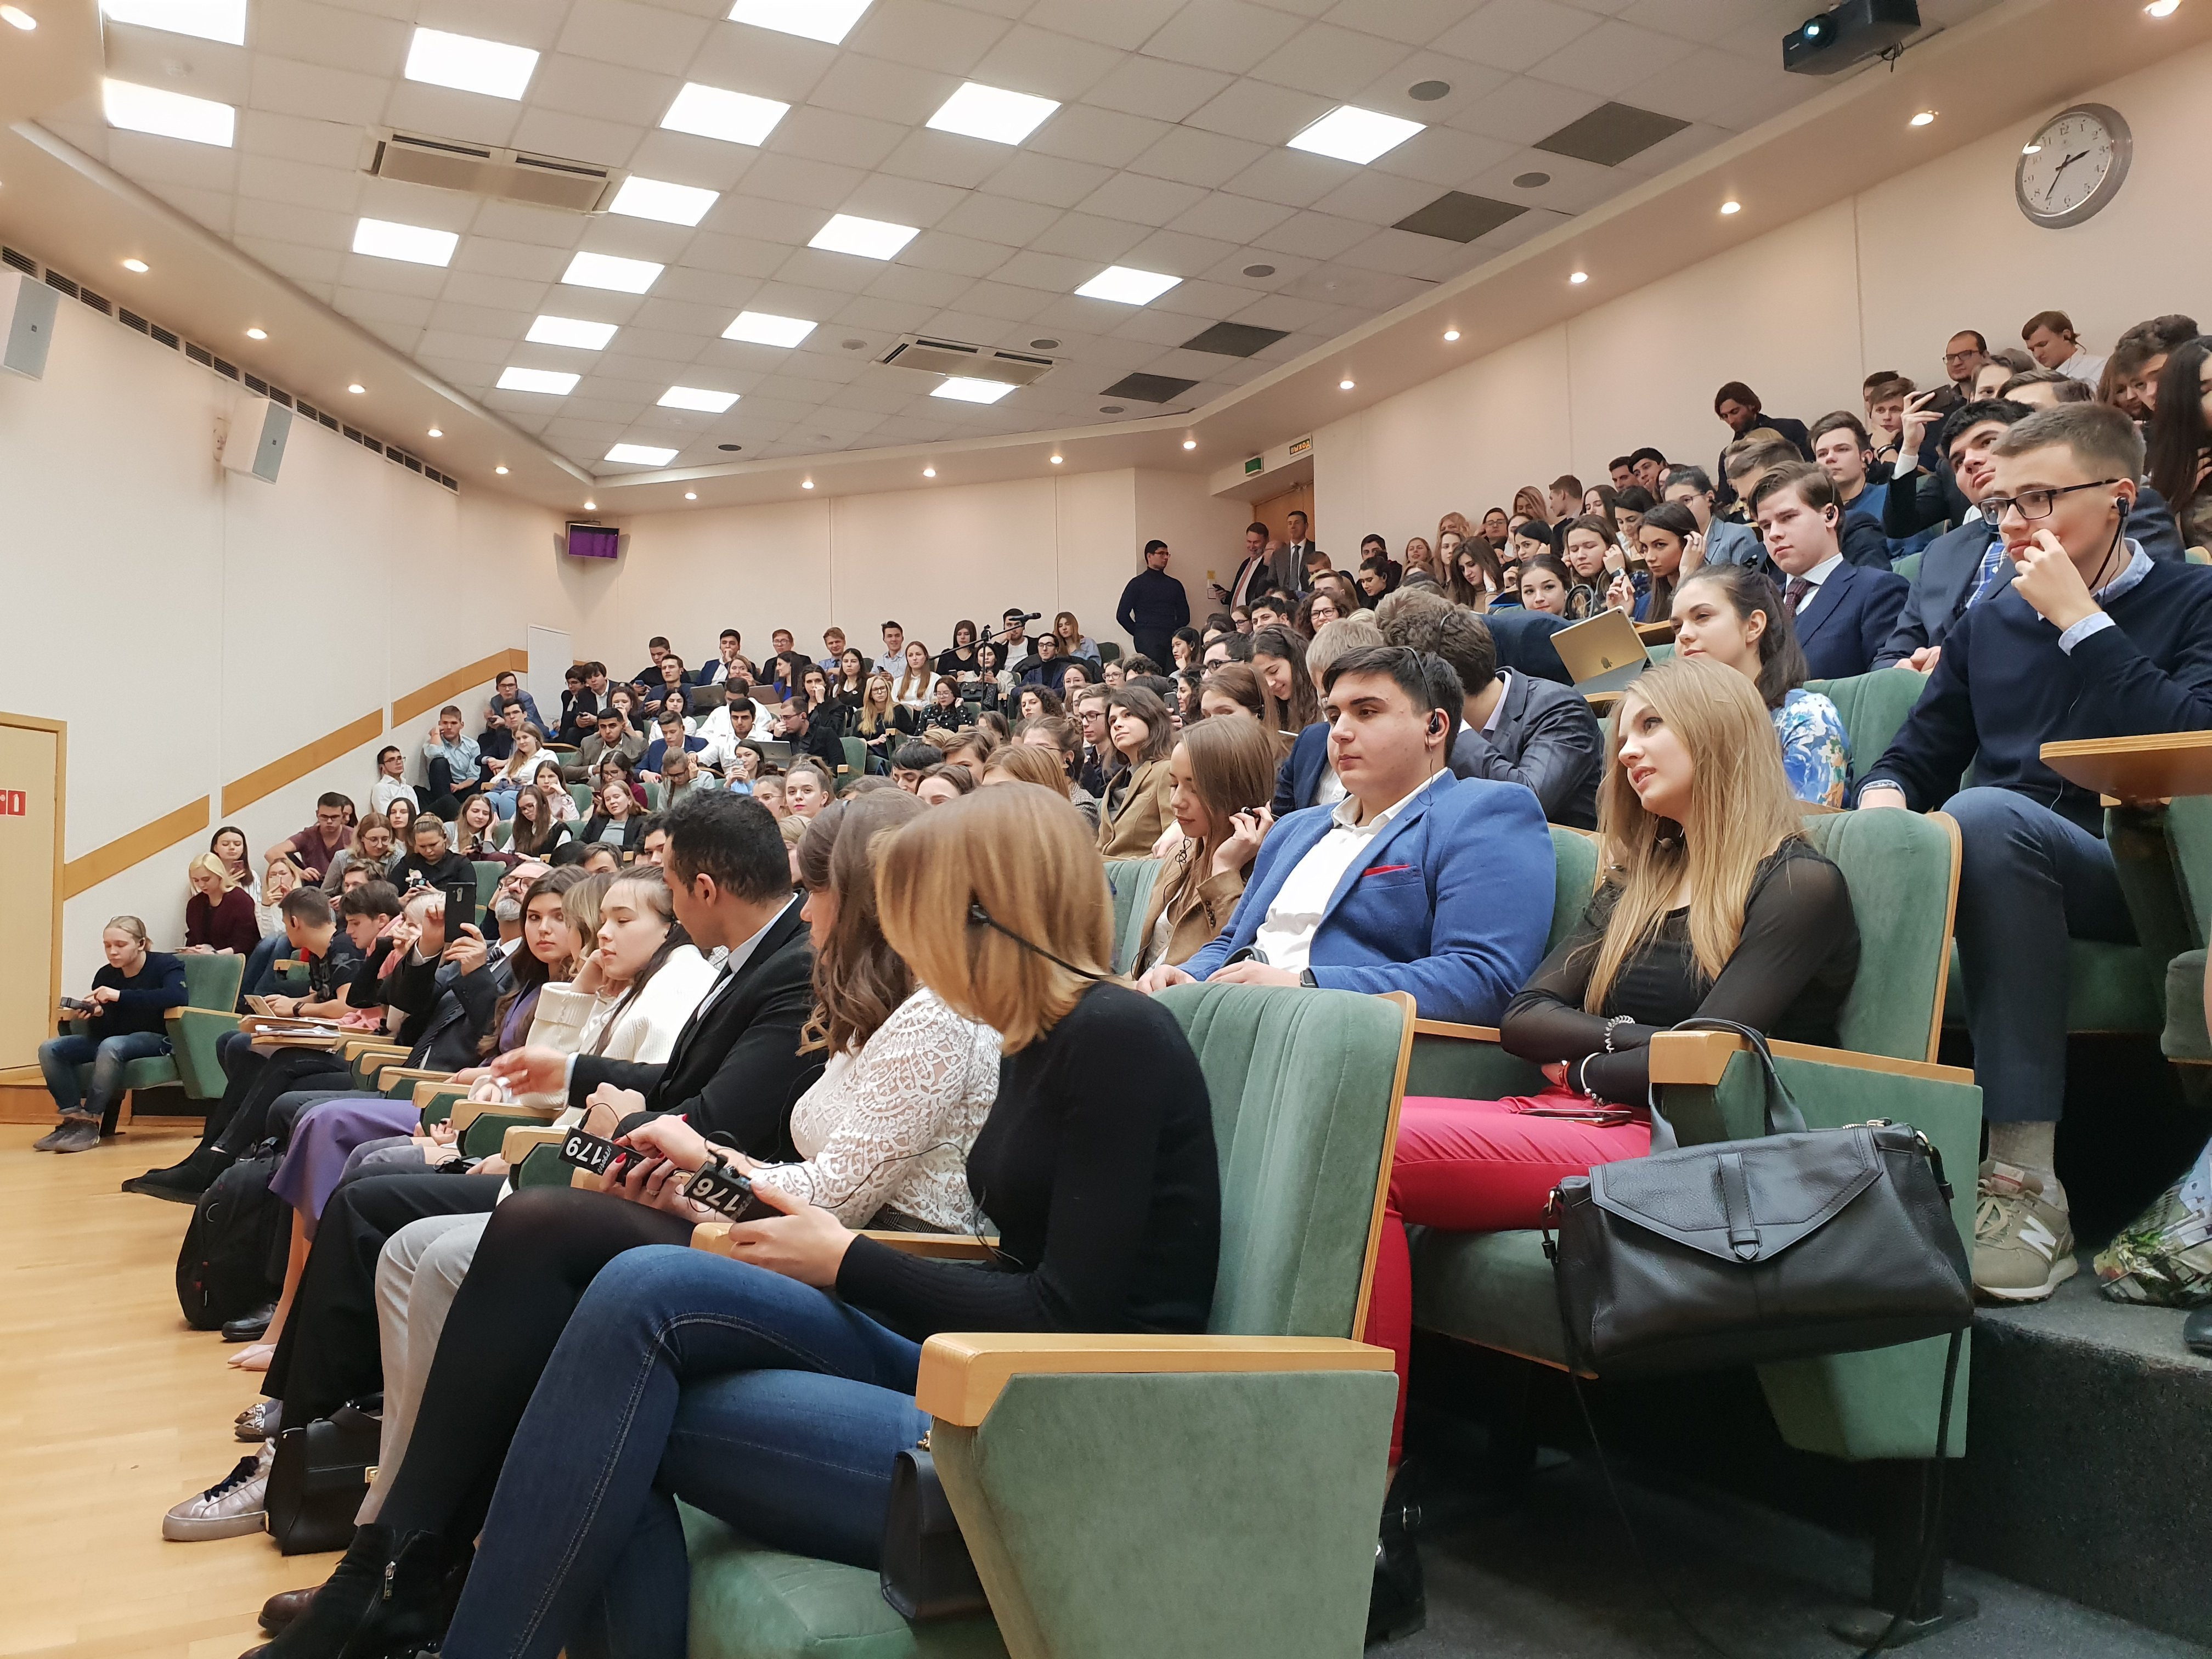 Il 6 dicembre 2018, in occasione dell'inaugurazione 8 anni fa dei rapporti tra l'Università di Macerata e l'Università Statale di Mosca per le Relazioni Internazionali (MGIMO), si è tenuta una conferenza.